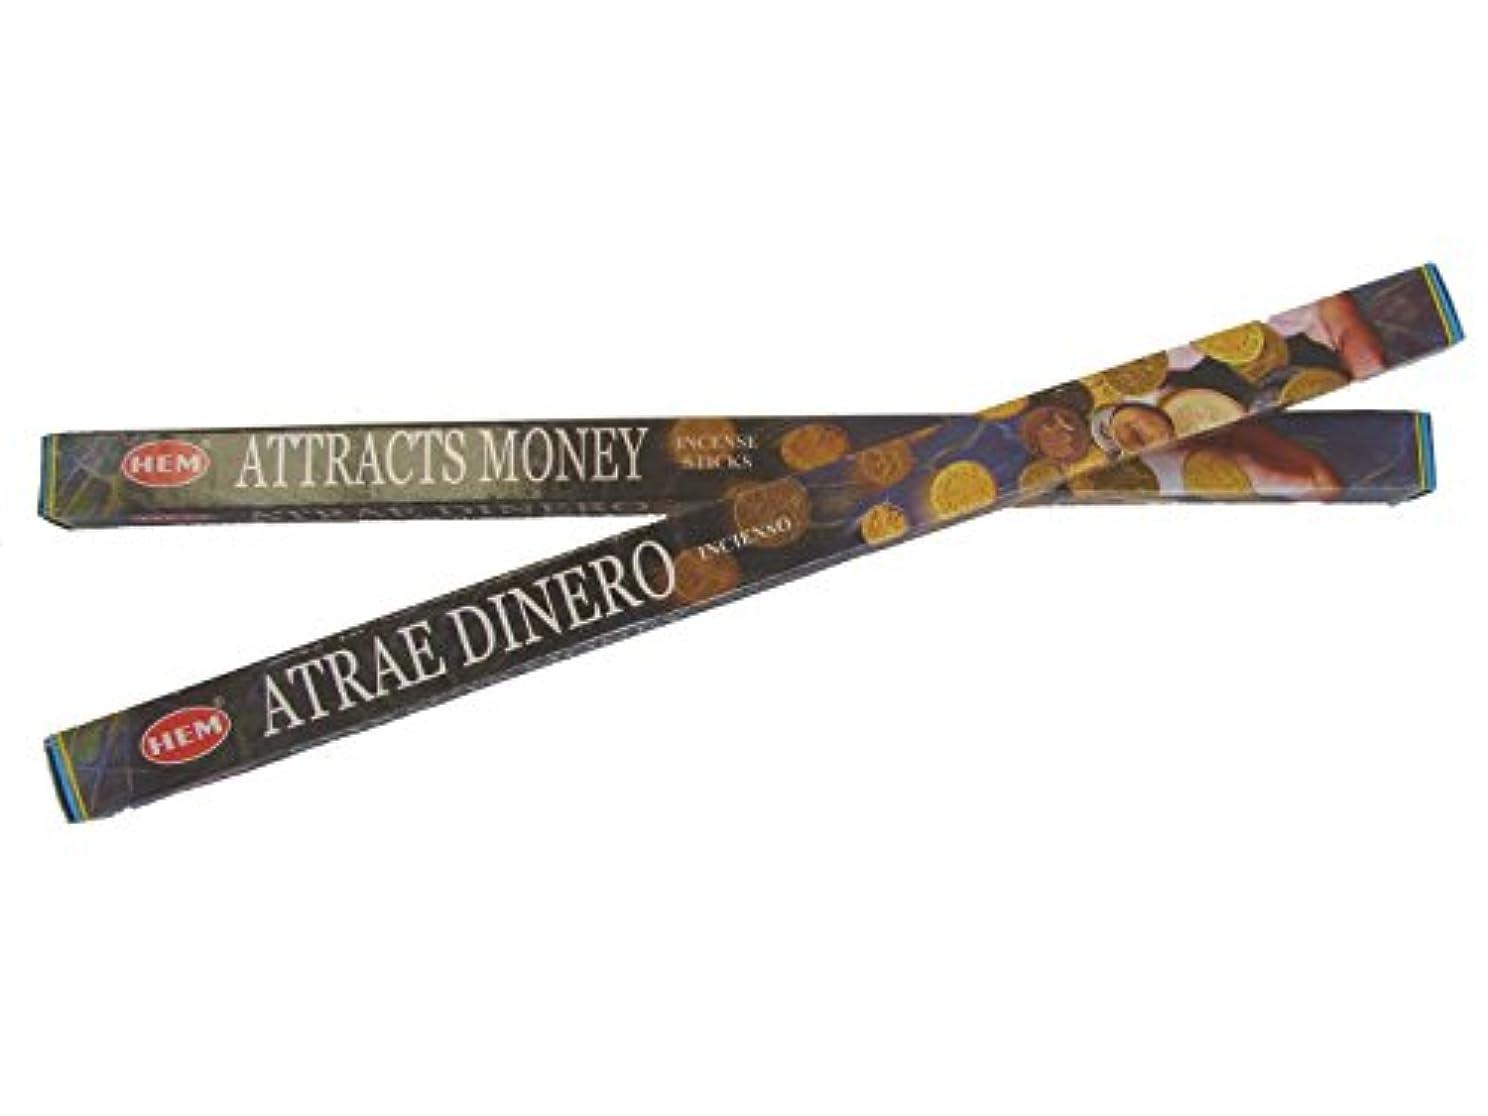 キャプション著者ホールド4 Boxes of Attracts Money Incense Sticks